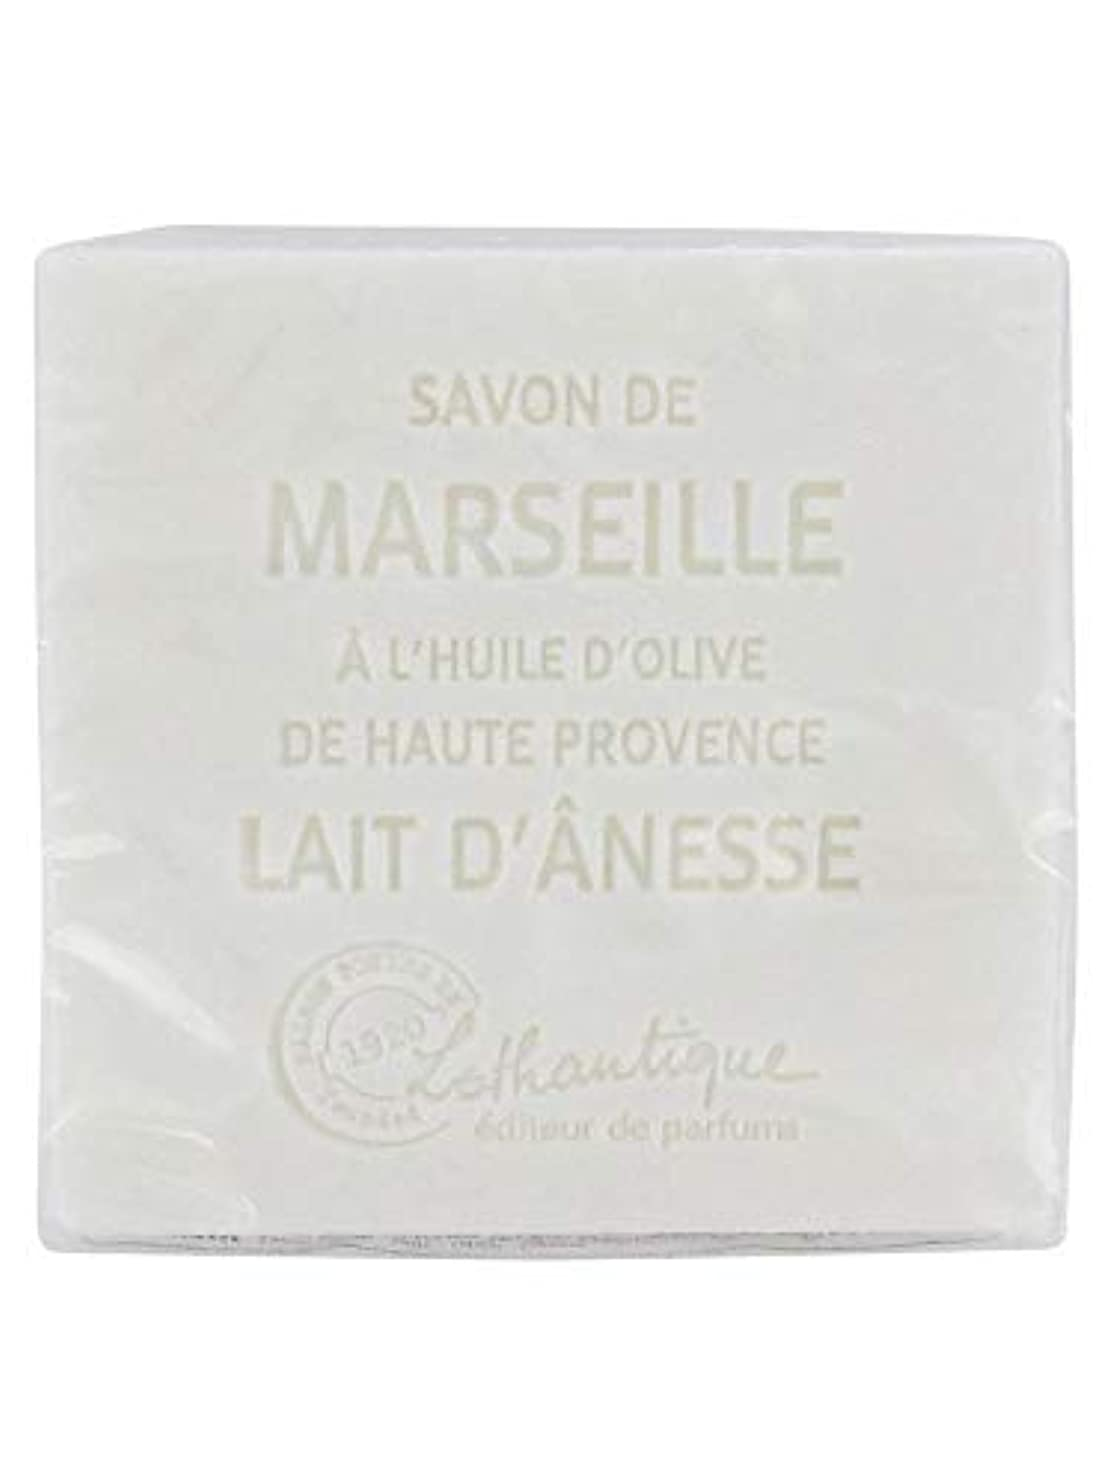 シンポジウムチャート恥ずかしさLothantique(ロタンティック) Les savons de Marseille(マルセイユソープ) マルセイユソープ 100g 「ミルク(ロバミルク)」 3420070038043